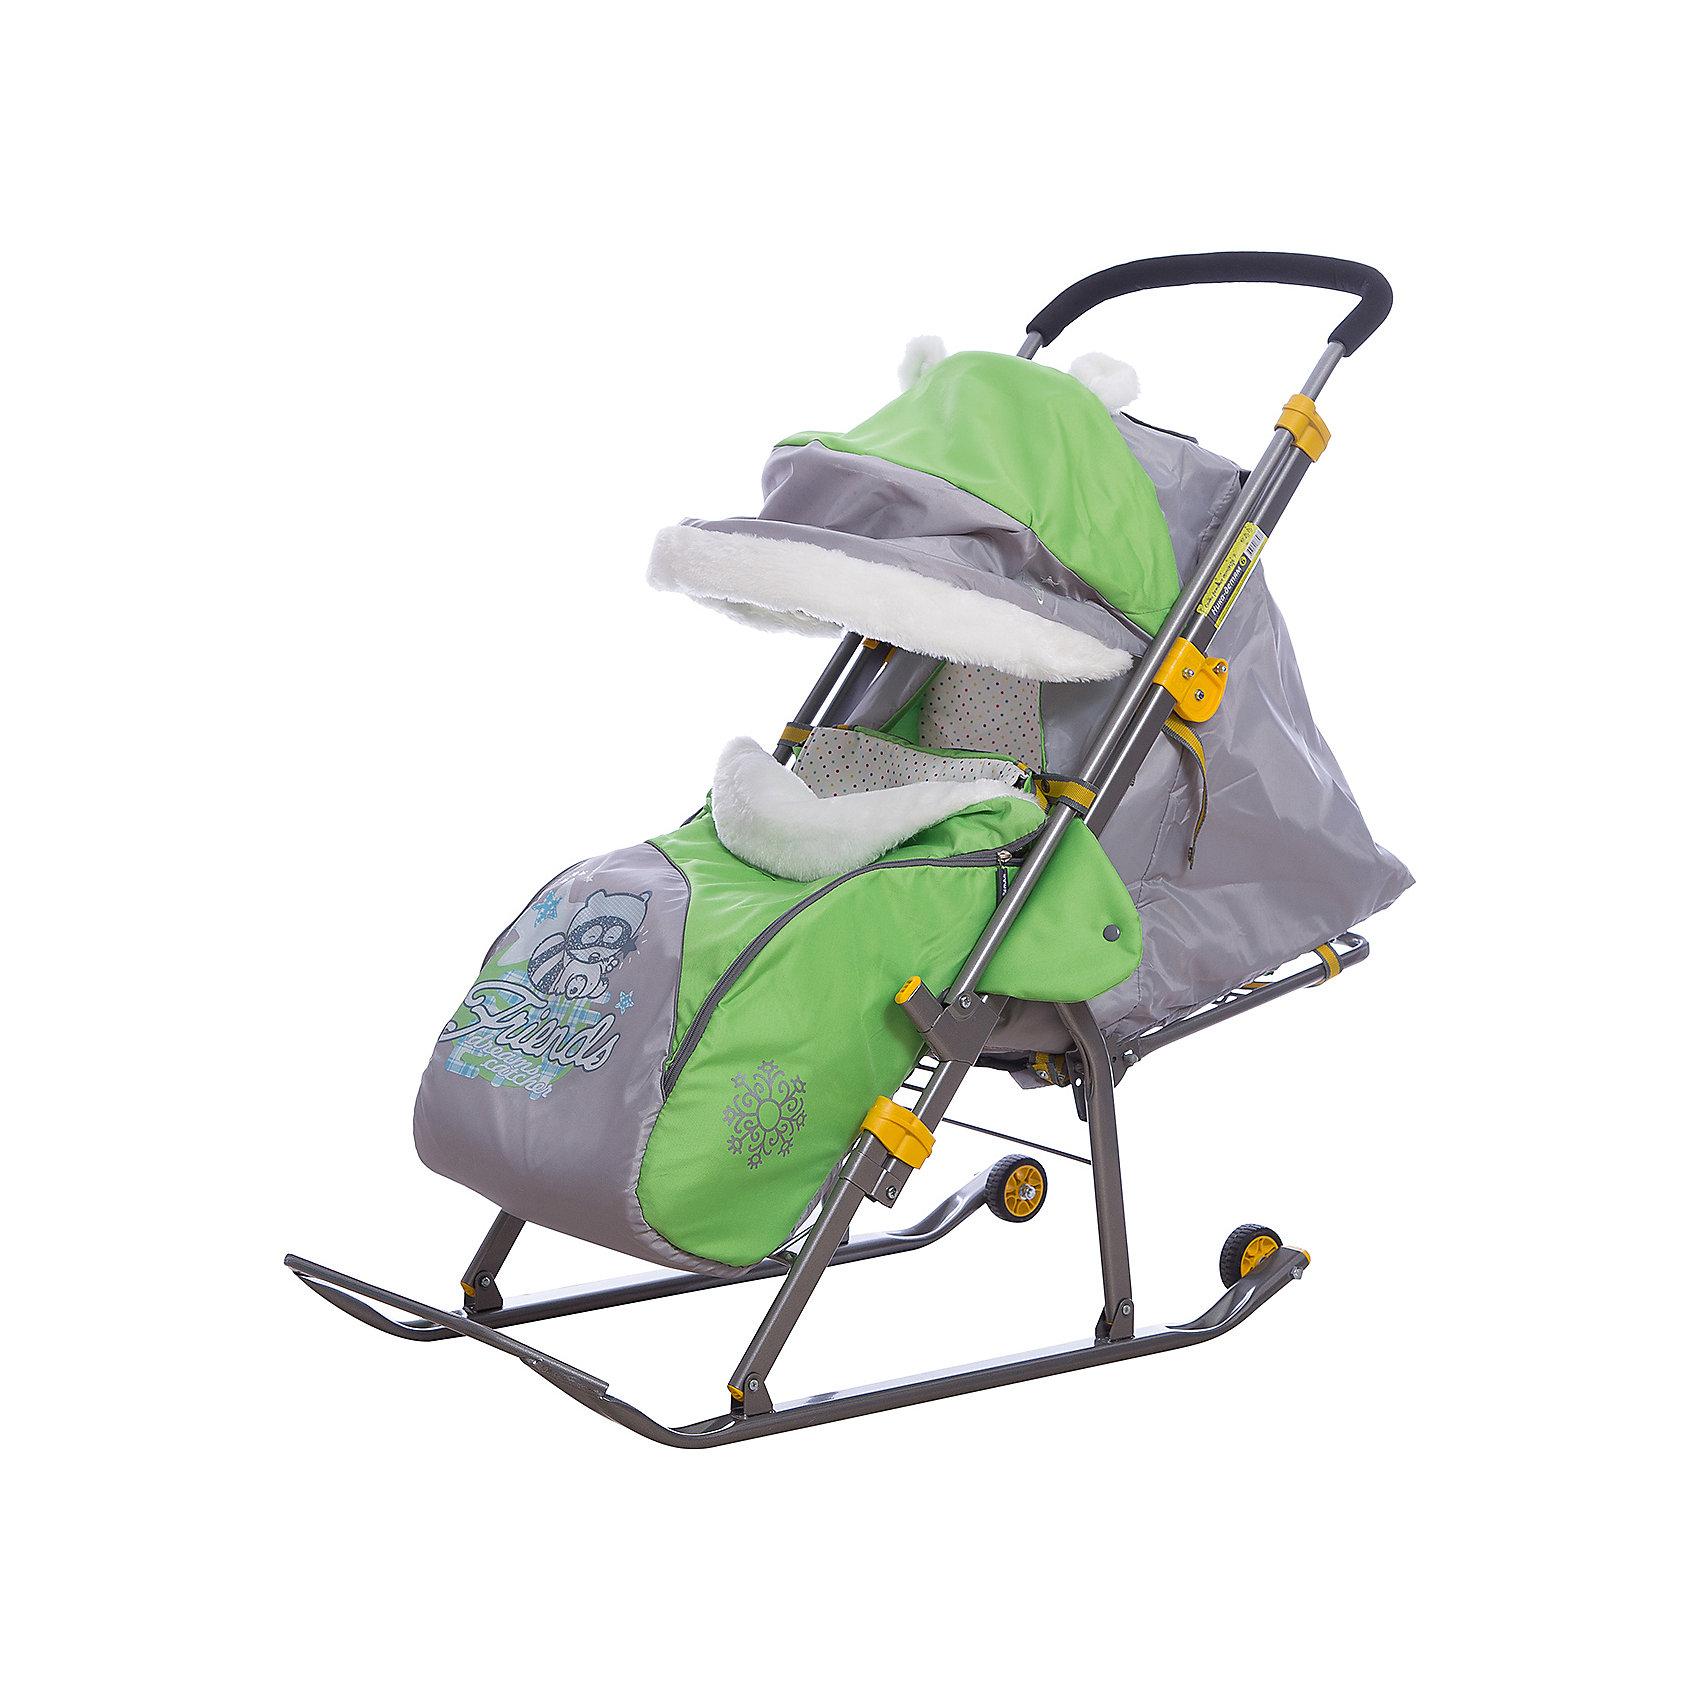 Санки-коляска Ника детям  6, Енот, зеленый/серыйС 2 колесиками<br>Санки-коляска Ника значительно расширят ваши возможности во время зимних прогулок с ребенком. Санки имеют прочные и легкий каркас, чехол выполненный из высококачественного влагоотталкивающего материала. Спинка регулируется до положения лежа, складной козырек со смотровым окошком опускается до ножек ребенка, создавая комфортную атмосферу для отдыха. Модель имеет перекидную ручку и небольшие транспортировочные колеса на задней части полозьев. Санки оснащены пятиточечными ремнями безопасности и мягким и теплым чехлом для ножек. Родителей, несомненно, порадует удобная, вместительная сумка и теплая муфта на ручке. Модель легко складывается, занимает мало места при транспортировке. Прекрасный вариант для холодной и снежной зимы! <br><br>Дополнительная информация:<br><br>- Материал: металл, полиэстер. <br>- Ширина посадочного места: 36,5 см.<br>- Длина в рабочем положении: 105 см.<br>- Высота ручки от земли: 100 см.<br>- Ширина по полозьям: 41,1 см.<br>- Ширина полозьев: 4,45 см.<br>- Размер в сложенном виде: 113 х 44,5 х 25,5 см.<br>- Перекидная ручка. <br>- Складной козырек со смотровым окошком.<br>- Накидка на ножки.<br>- Транспортировочные колеса. <br>- Пятиточечные ремни безопасности. <br>- Регулируемая до положения лежа спинка.<br>- Вес: 9 кг<br>- Максимальный вес ребенка: 25 кг.<br>- Легко складываются. <br>- Светоотражающие элементы.<br>- Теплая муфта на ручке. <br>- Сумка.<br>- Декоративные элементы: аппликация, отделка мехом.<br>- Цвет: зеленый/серый<br><br>Санки-коляску Ника детям  6, Енот, зеленый/серый, можно купить в нашем магазине.<br><br>Ширина мм: 1150<br>Глубина мм: 470<br>Высота мм: 460<br>Вес г: 11500<br>Цвет: зеленый<br>Возраст от месяцев: 12<br>Возраст до месяцев: 48<br>Пол: Унисекс<br>Возраст: Детский<br>SKU: 7120387